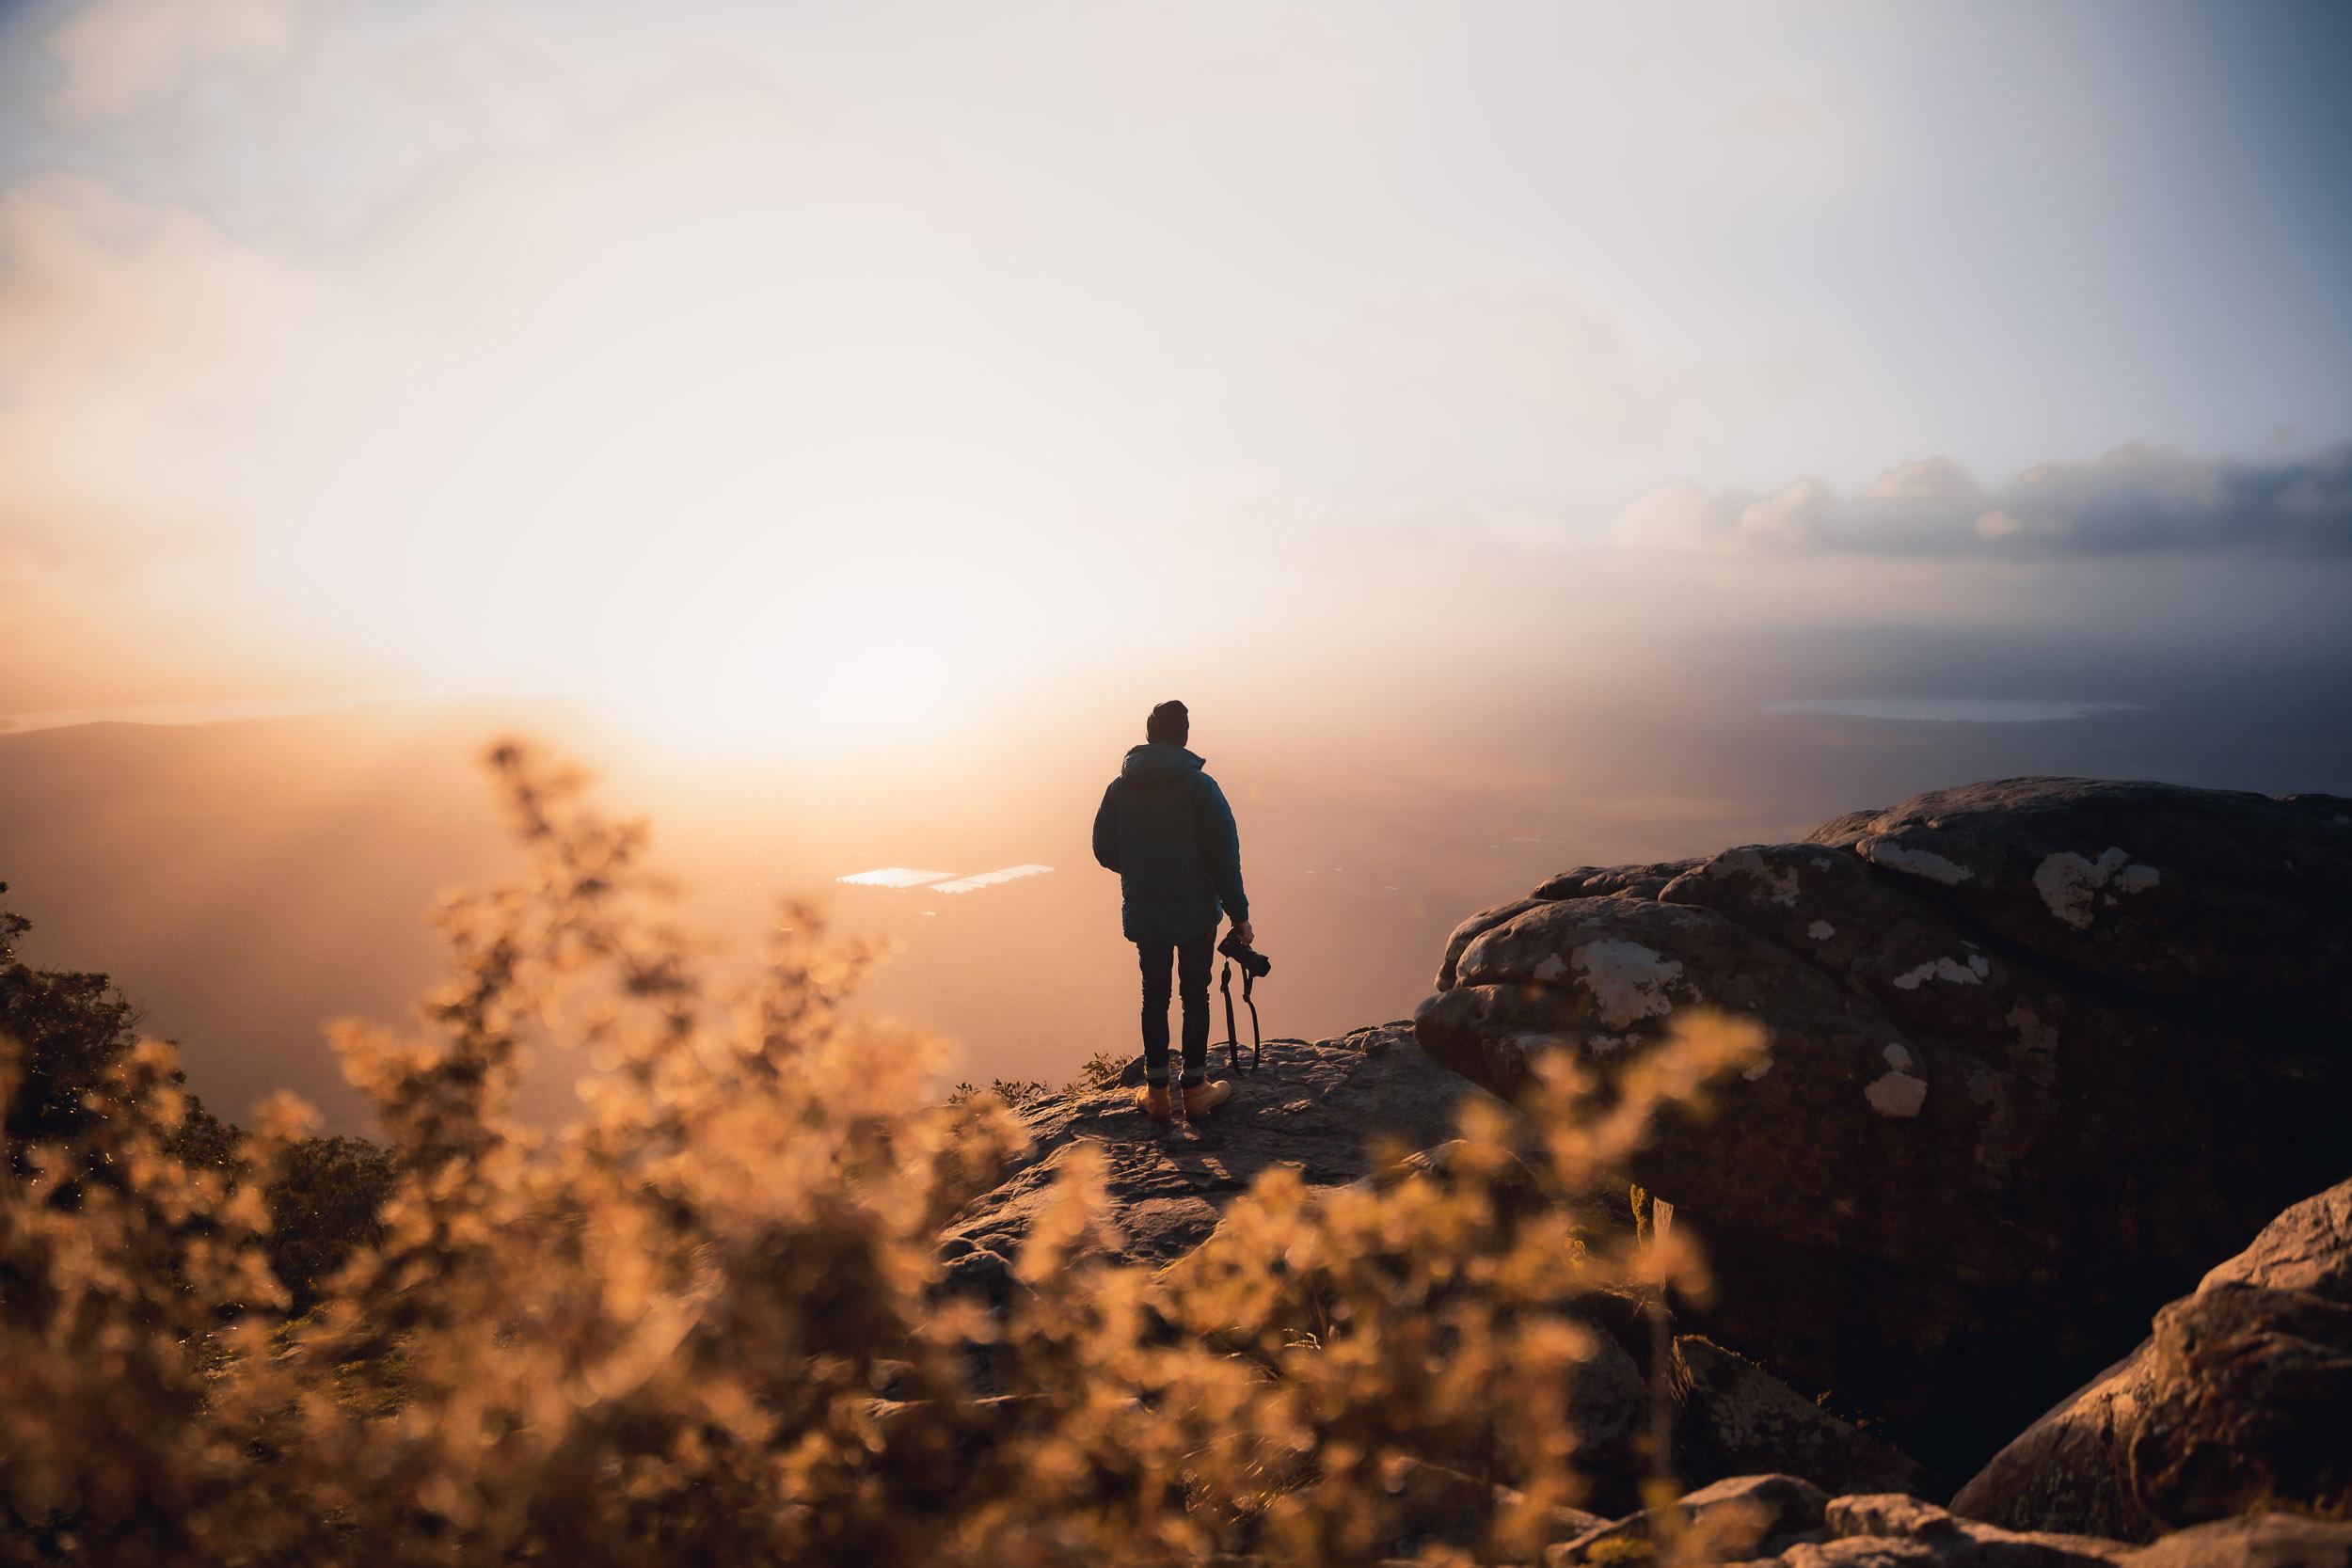 Morning light at Boroka Lookout